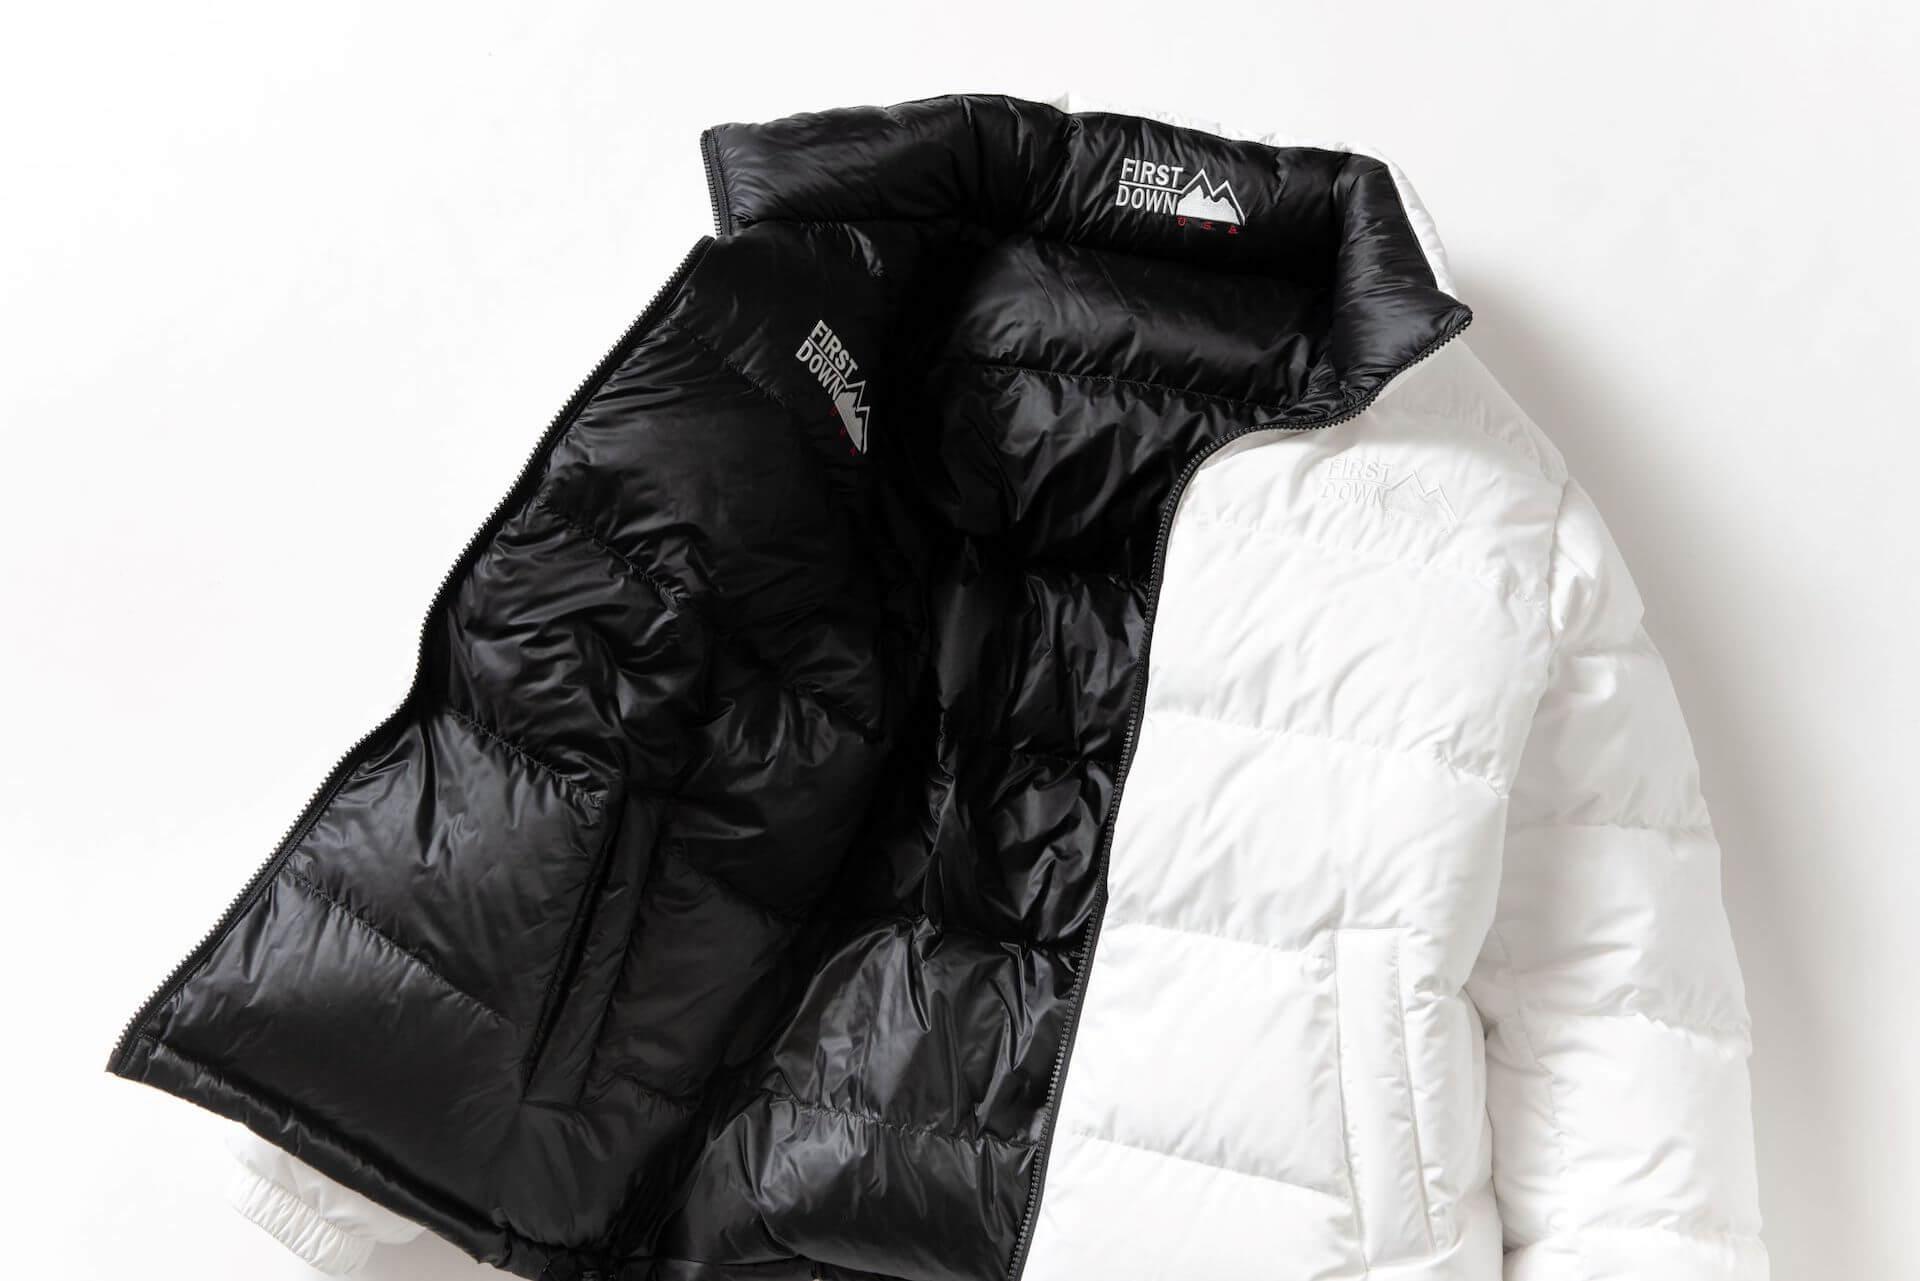 FIRST DOWNの別注アウターがセレクトショップ・styling/から発売決定!フードコート、ボアブルゾン、リバーシブルダウンの3型 fashion2020915-firstdown10